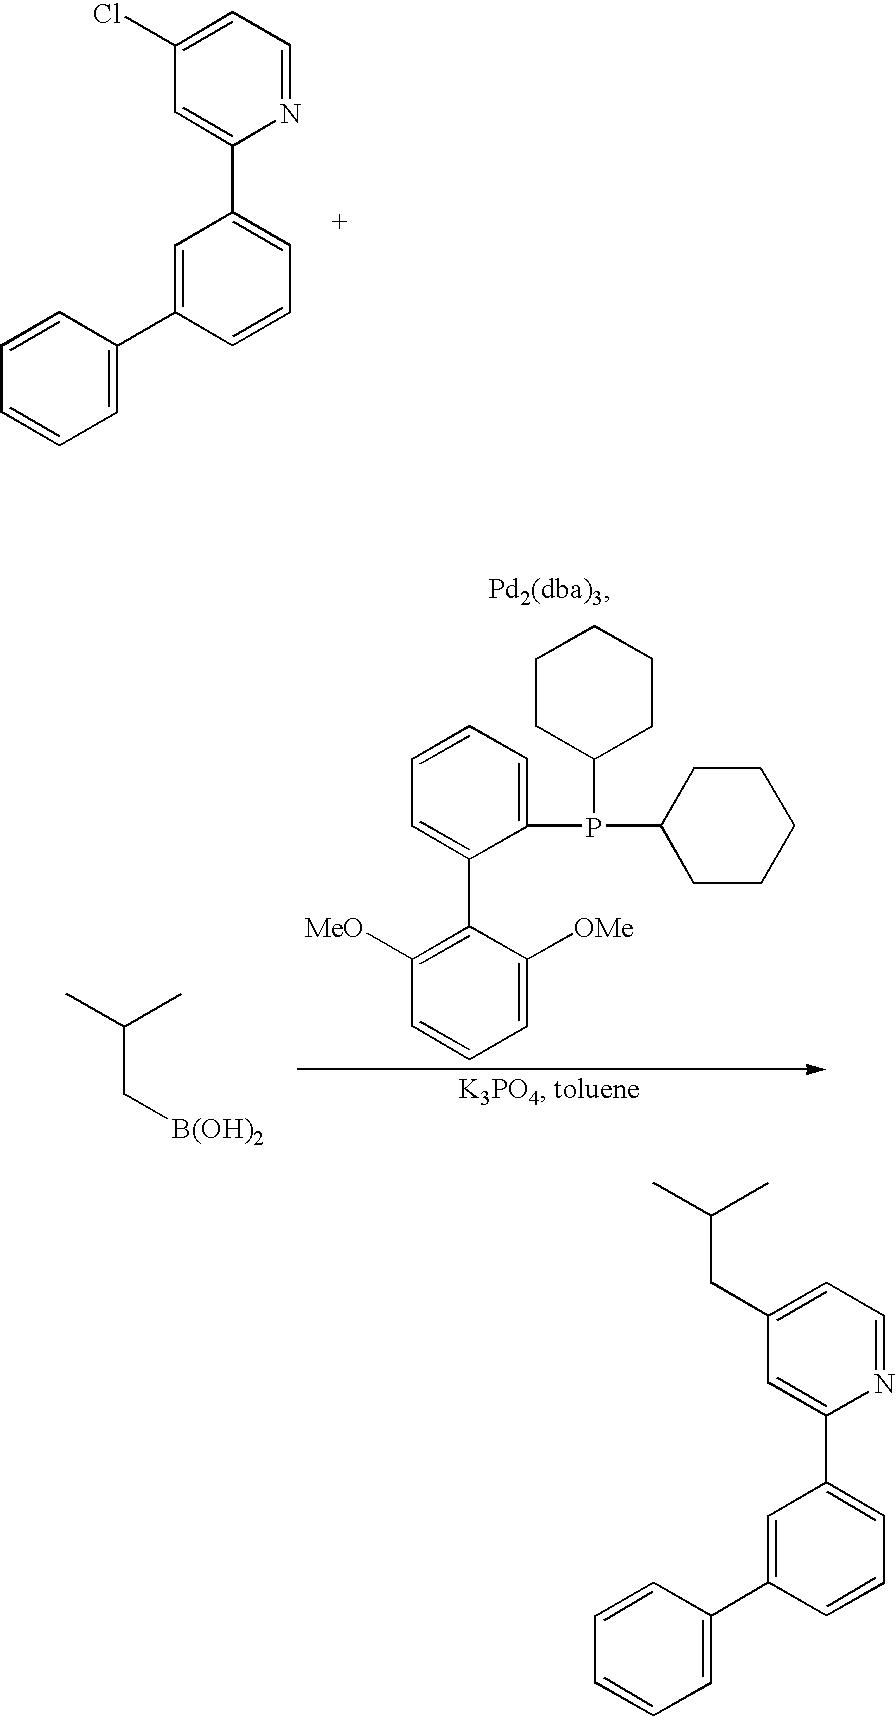 Figure US20090108737A1-20090430-C00054